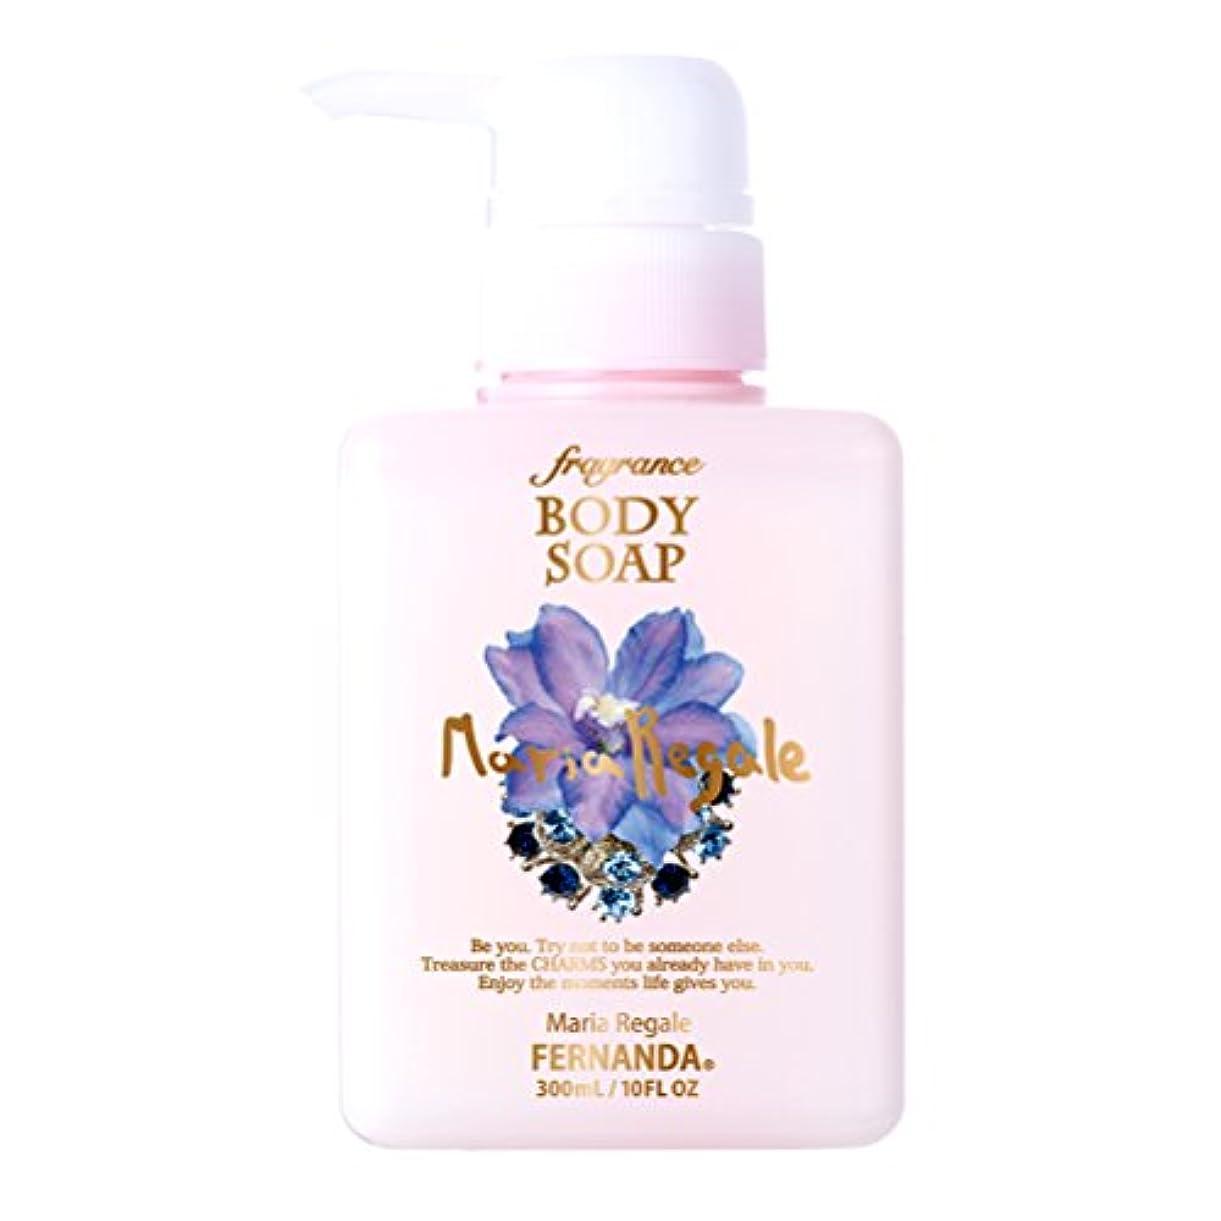 内なるカバレッジ運河FERNANDA(フェルナンダ) Fragrance Body Soap Maria Regale (ボディソープ マリアリゲル) FJBS0003